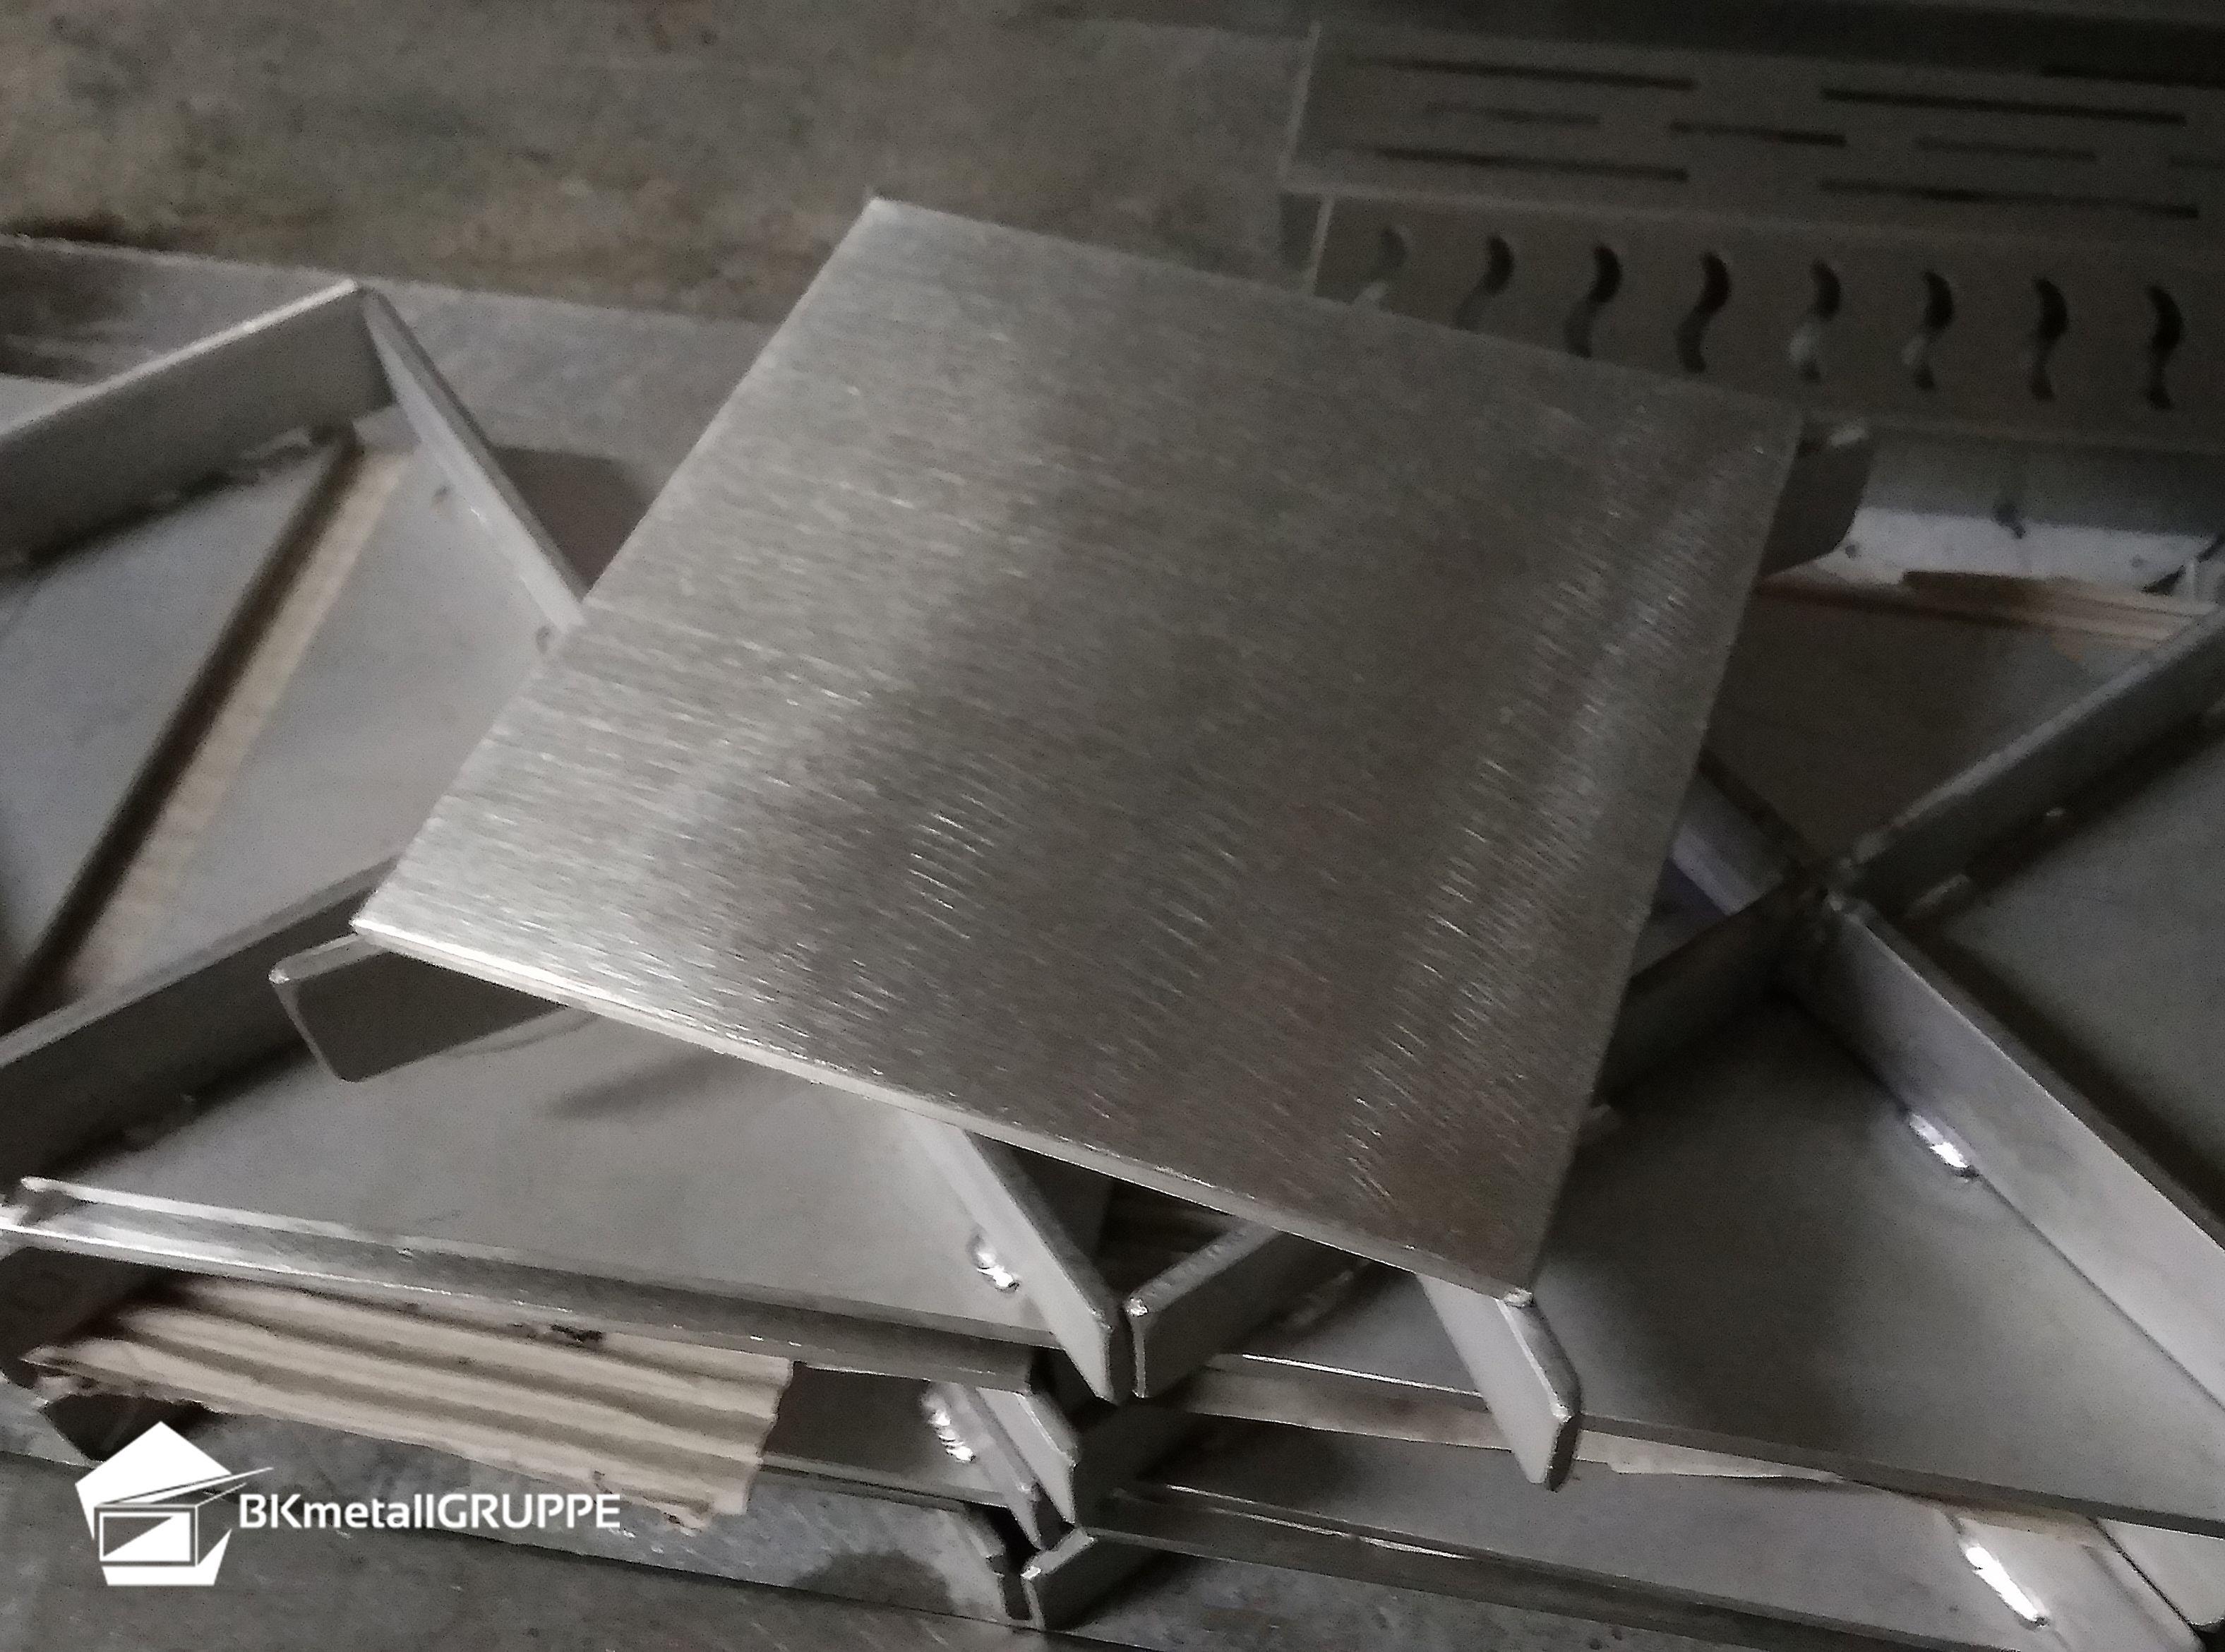 Edelstahl Entwässerungstechnik Plattenabdeckung Edelstahl Entwässerung Duschrinne